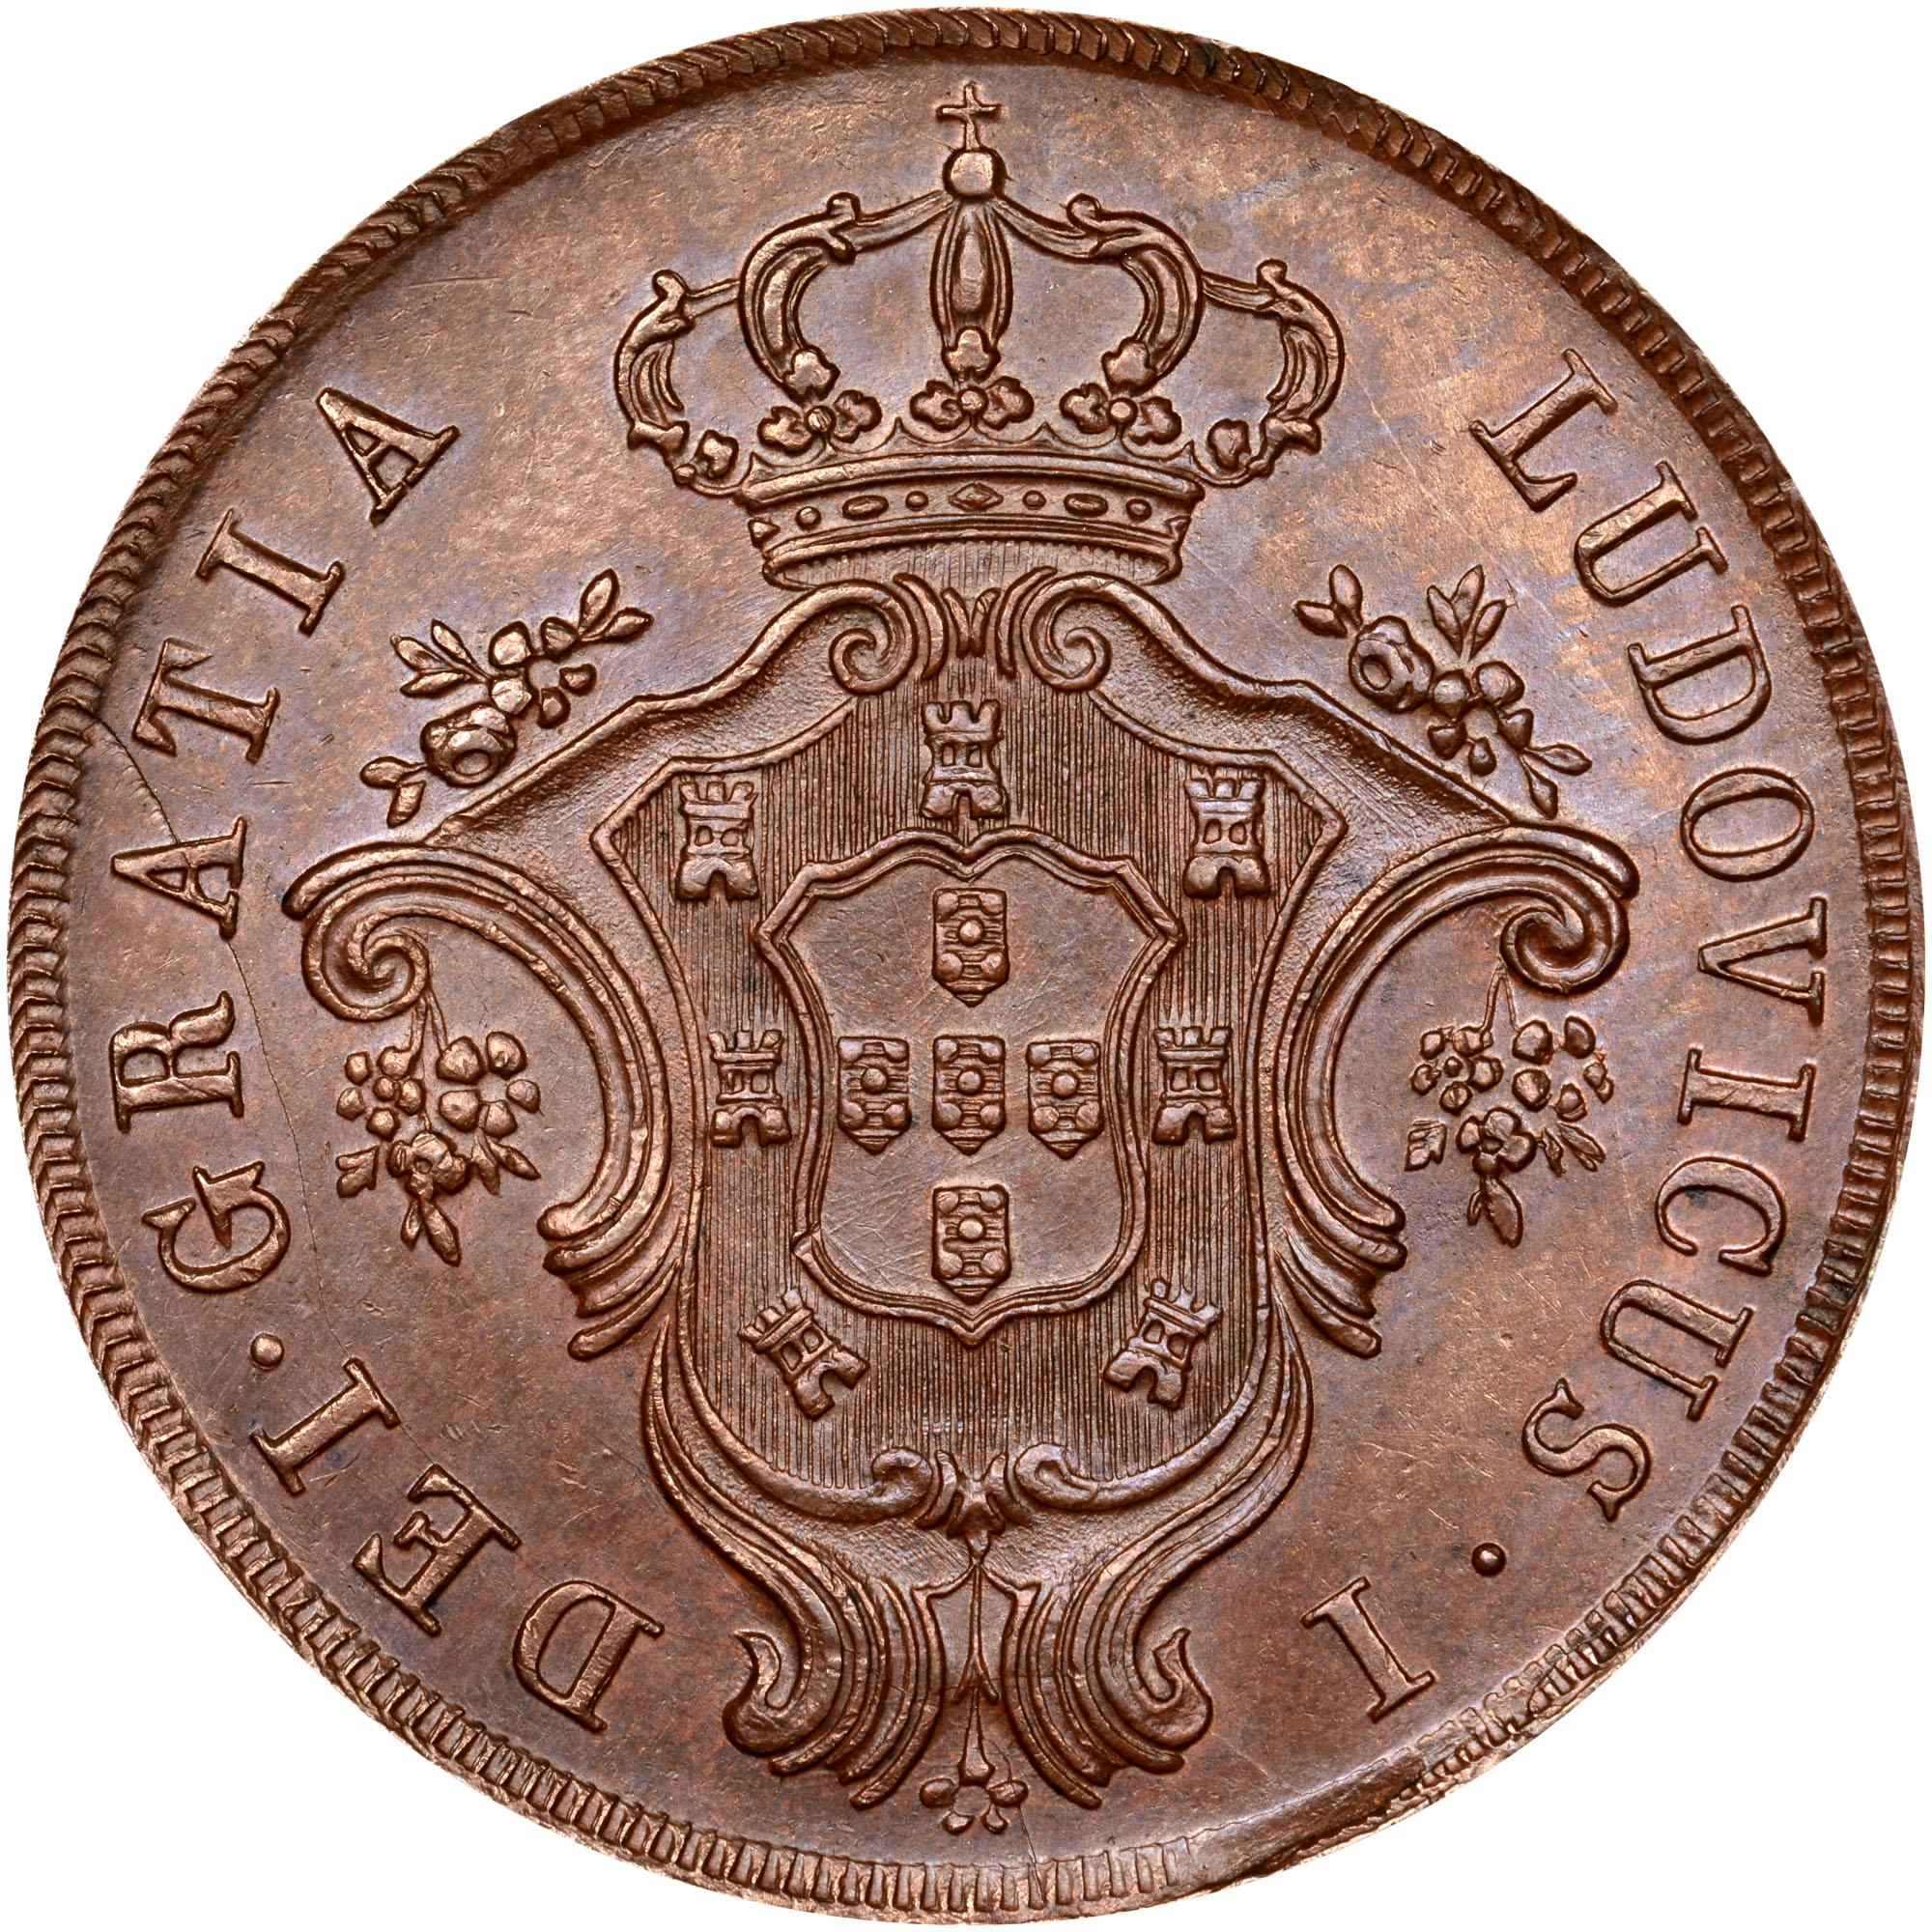 1865-1866 Azores 20 Reis obverse